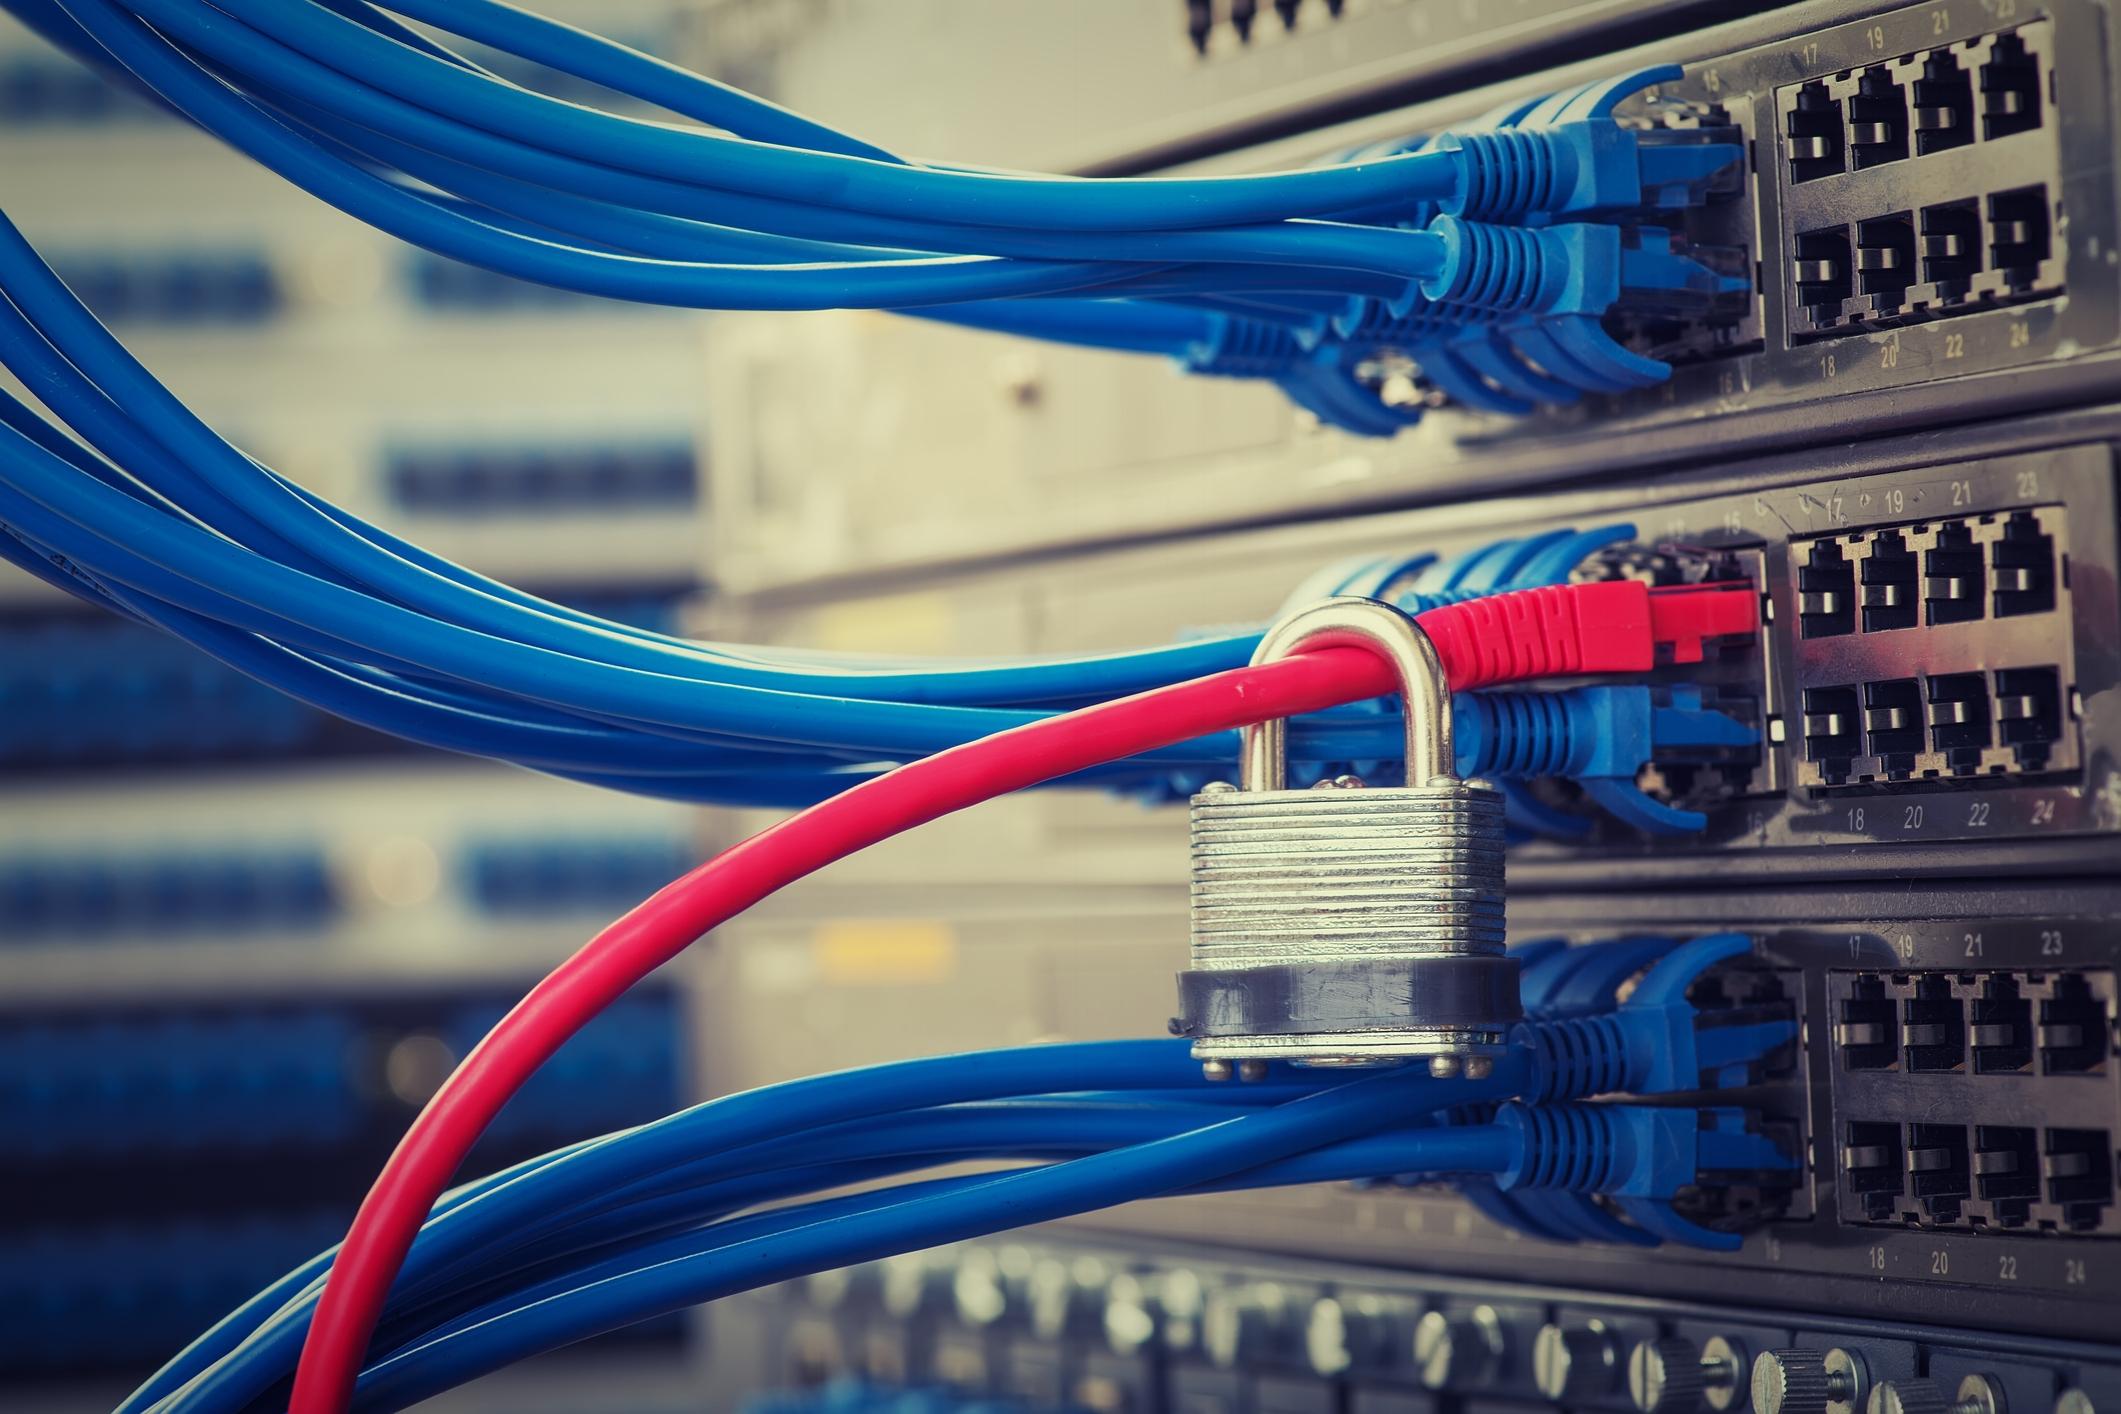 Secured Networks